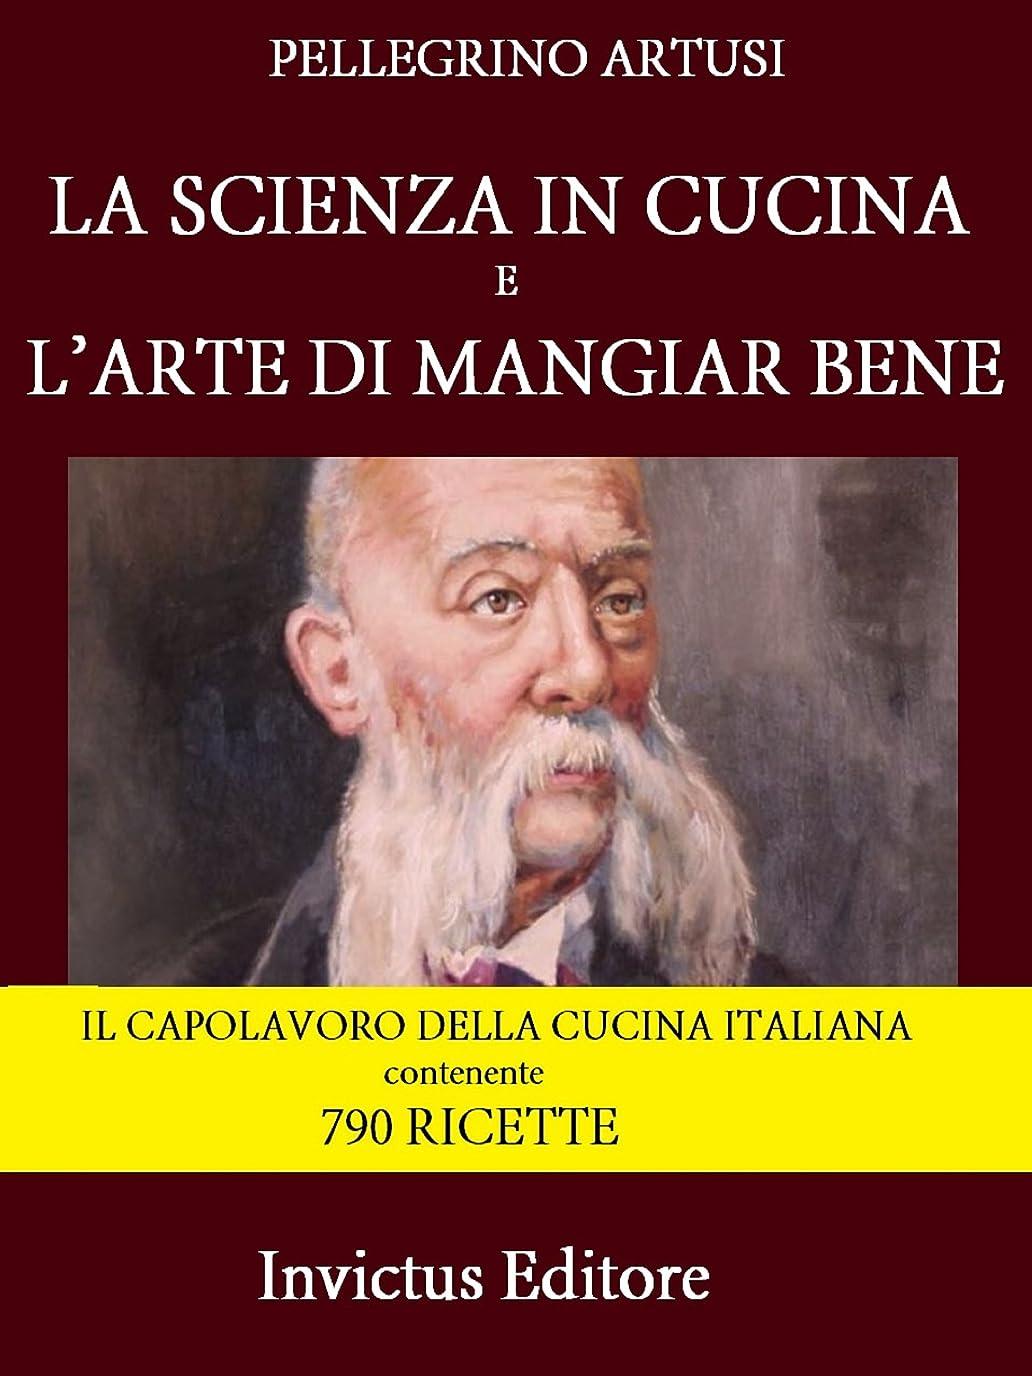 軽食発行リハーサルLa scienza in cucina e l'arte di mangiar bene (Italian Edition)